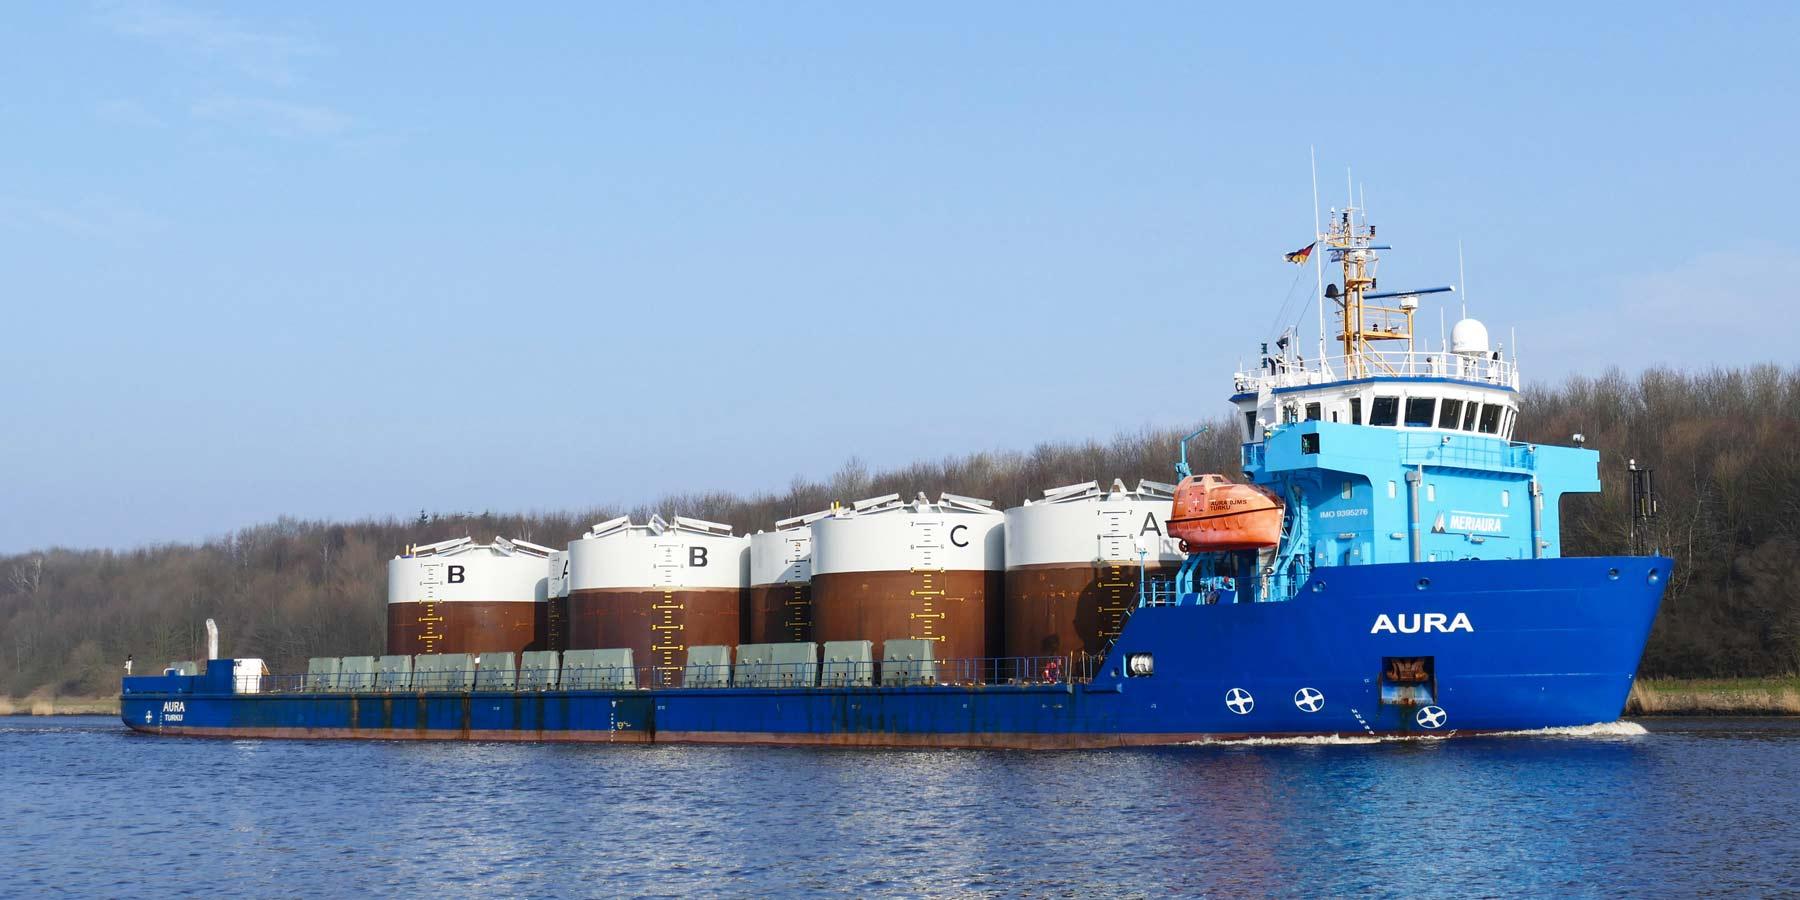 Meriauran laivasto suurempi kuin koskaan